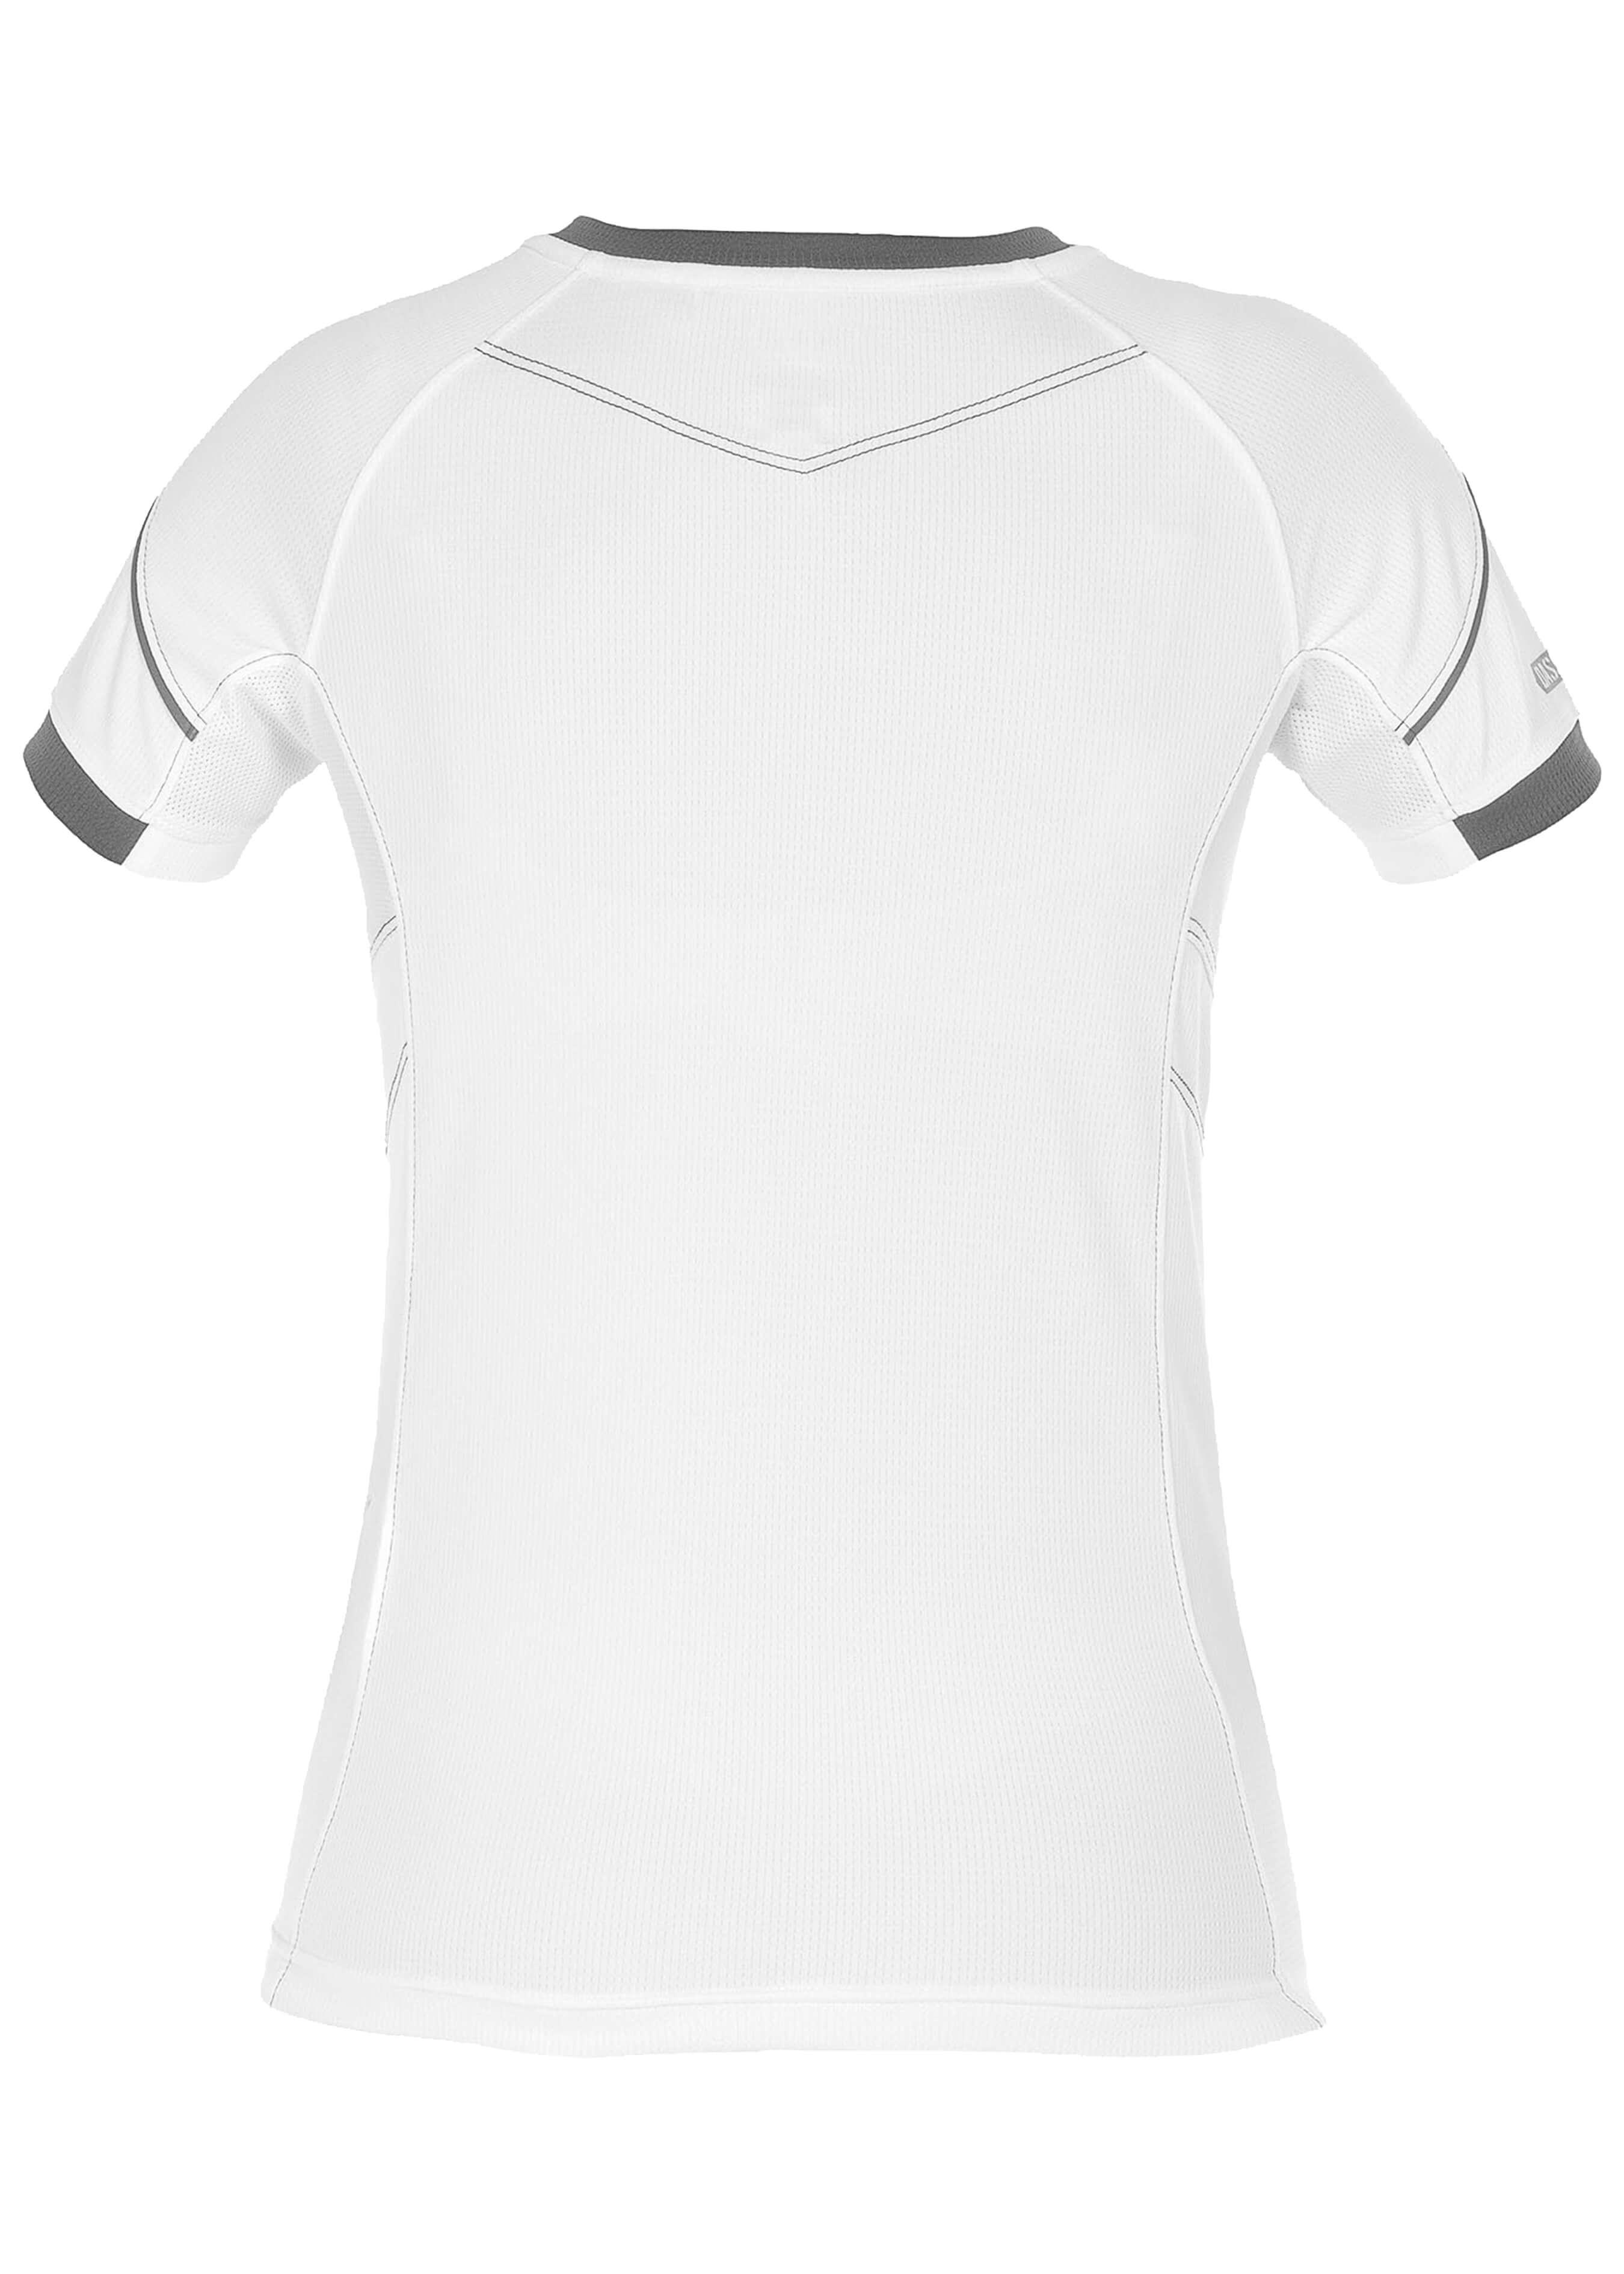 t-shirt pour peinture dames Nexus 256614L 2